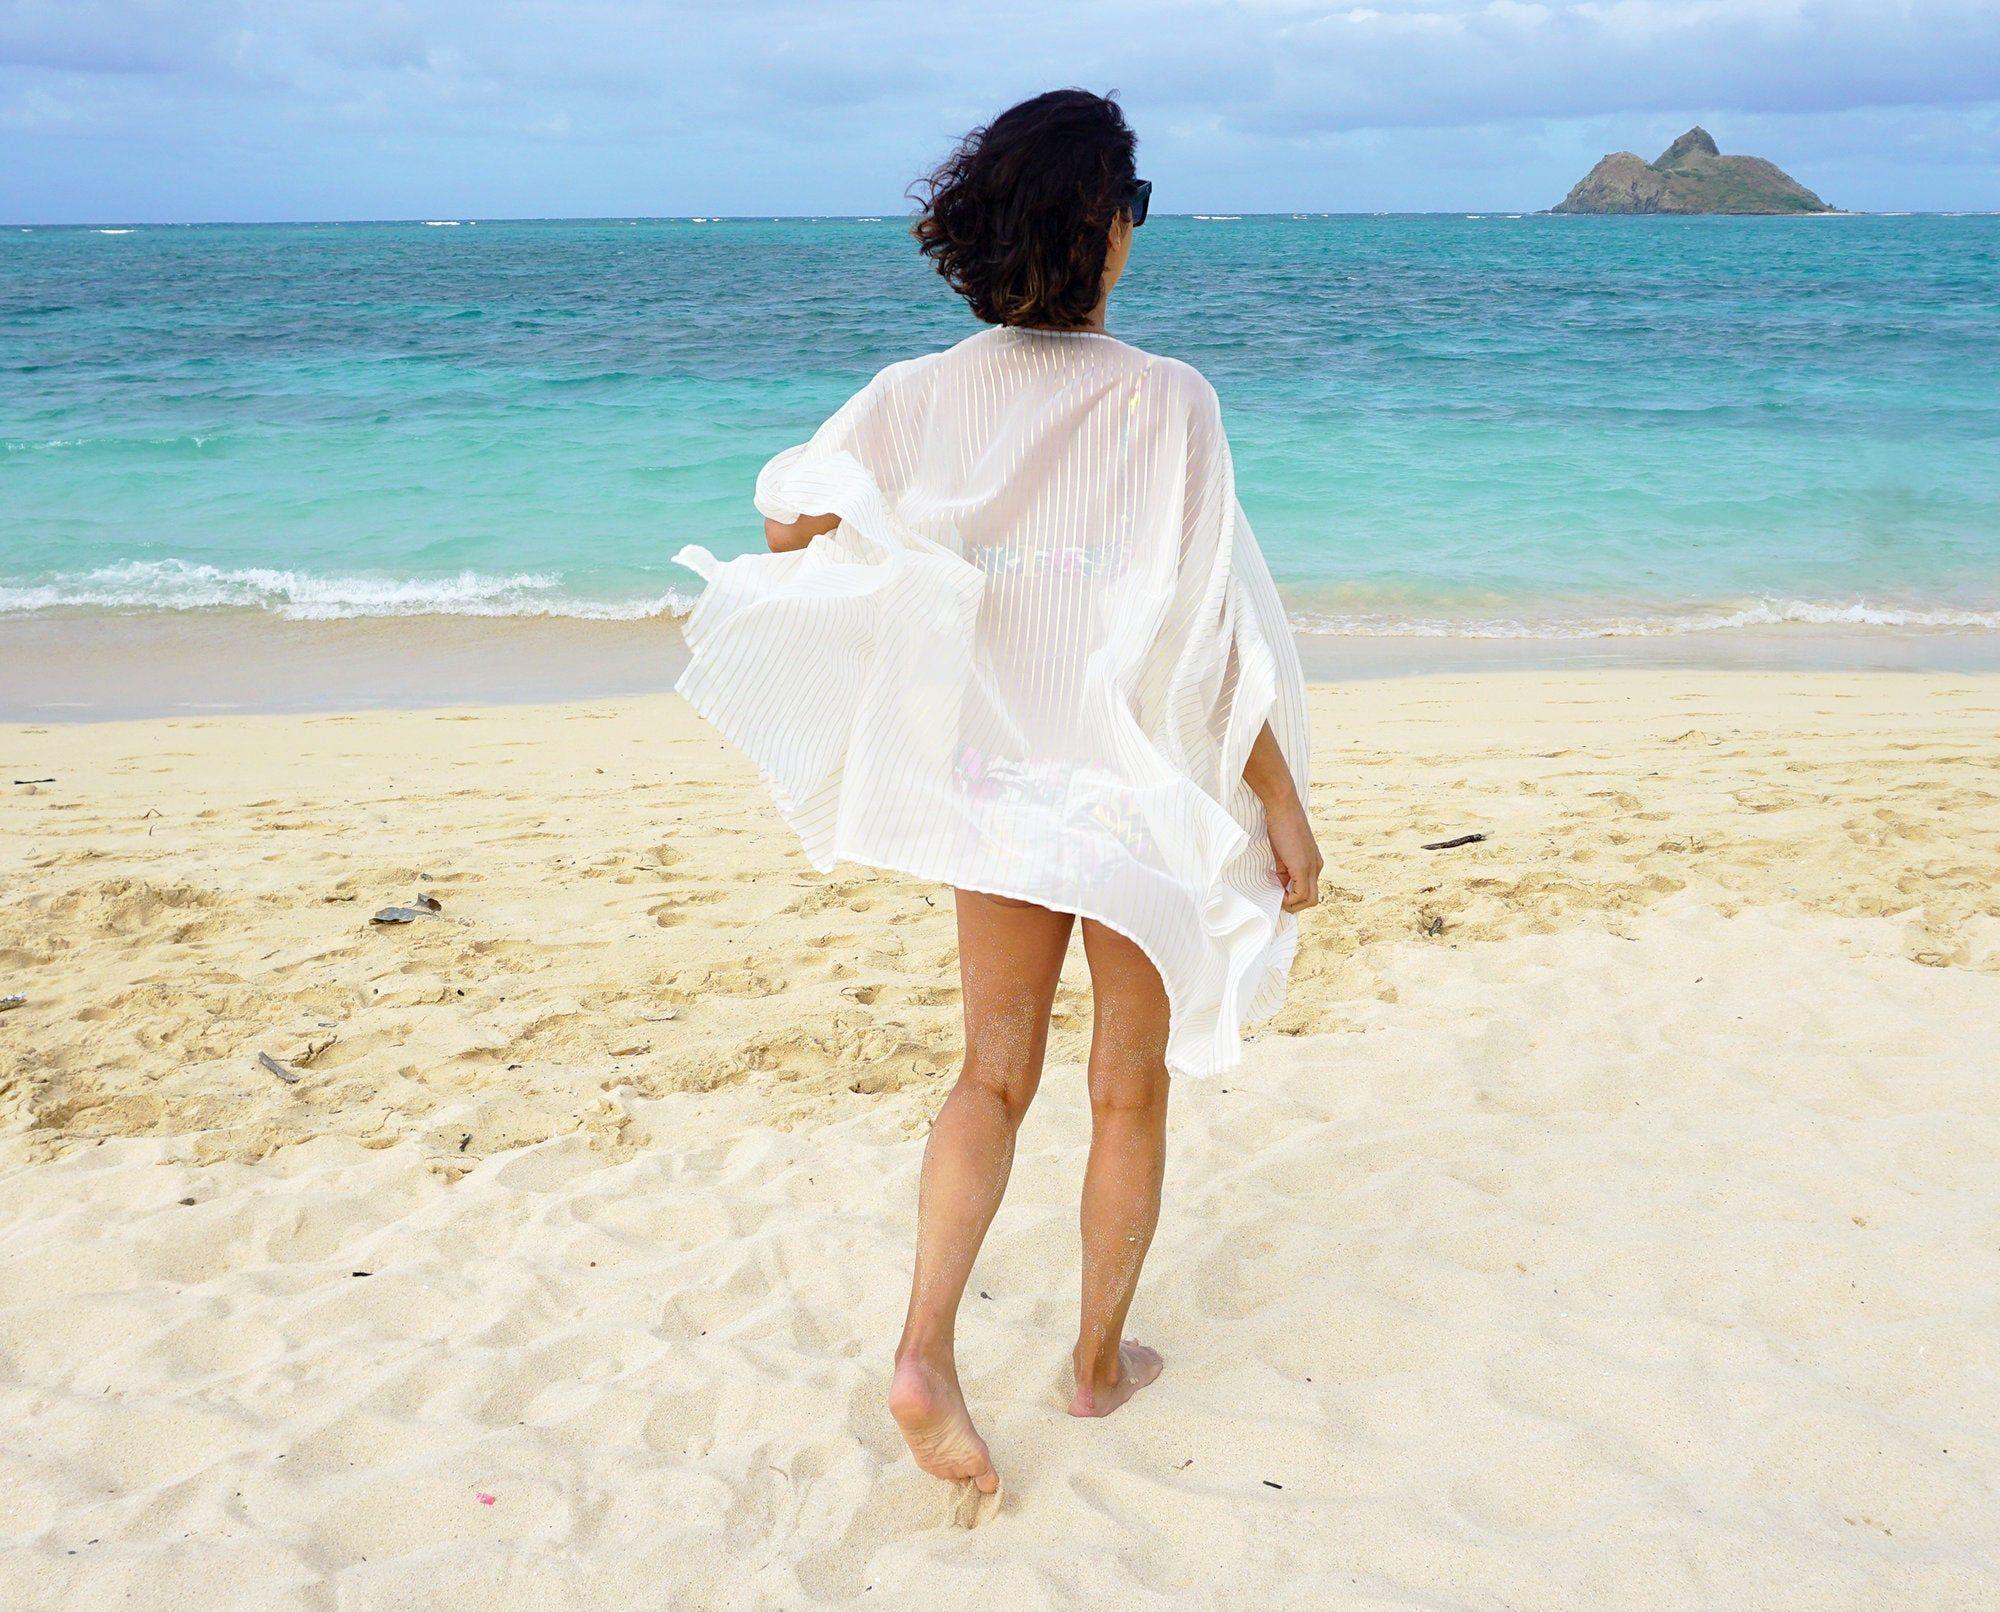 Swimsuit Cover-up, Beach Cover-ups, Swim Cover-ups    Robe, Kimono    Swimwear, Resortwear, Beachwear    Duster, Honeymoon Robe {Kyla Robe} 3